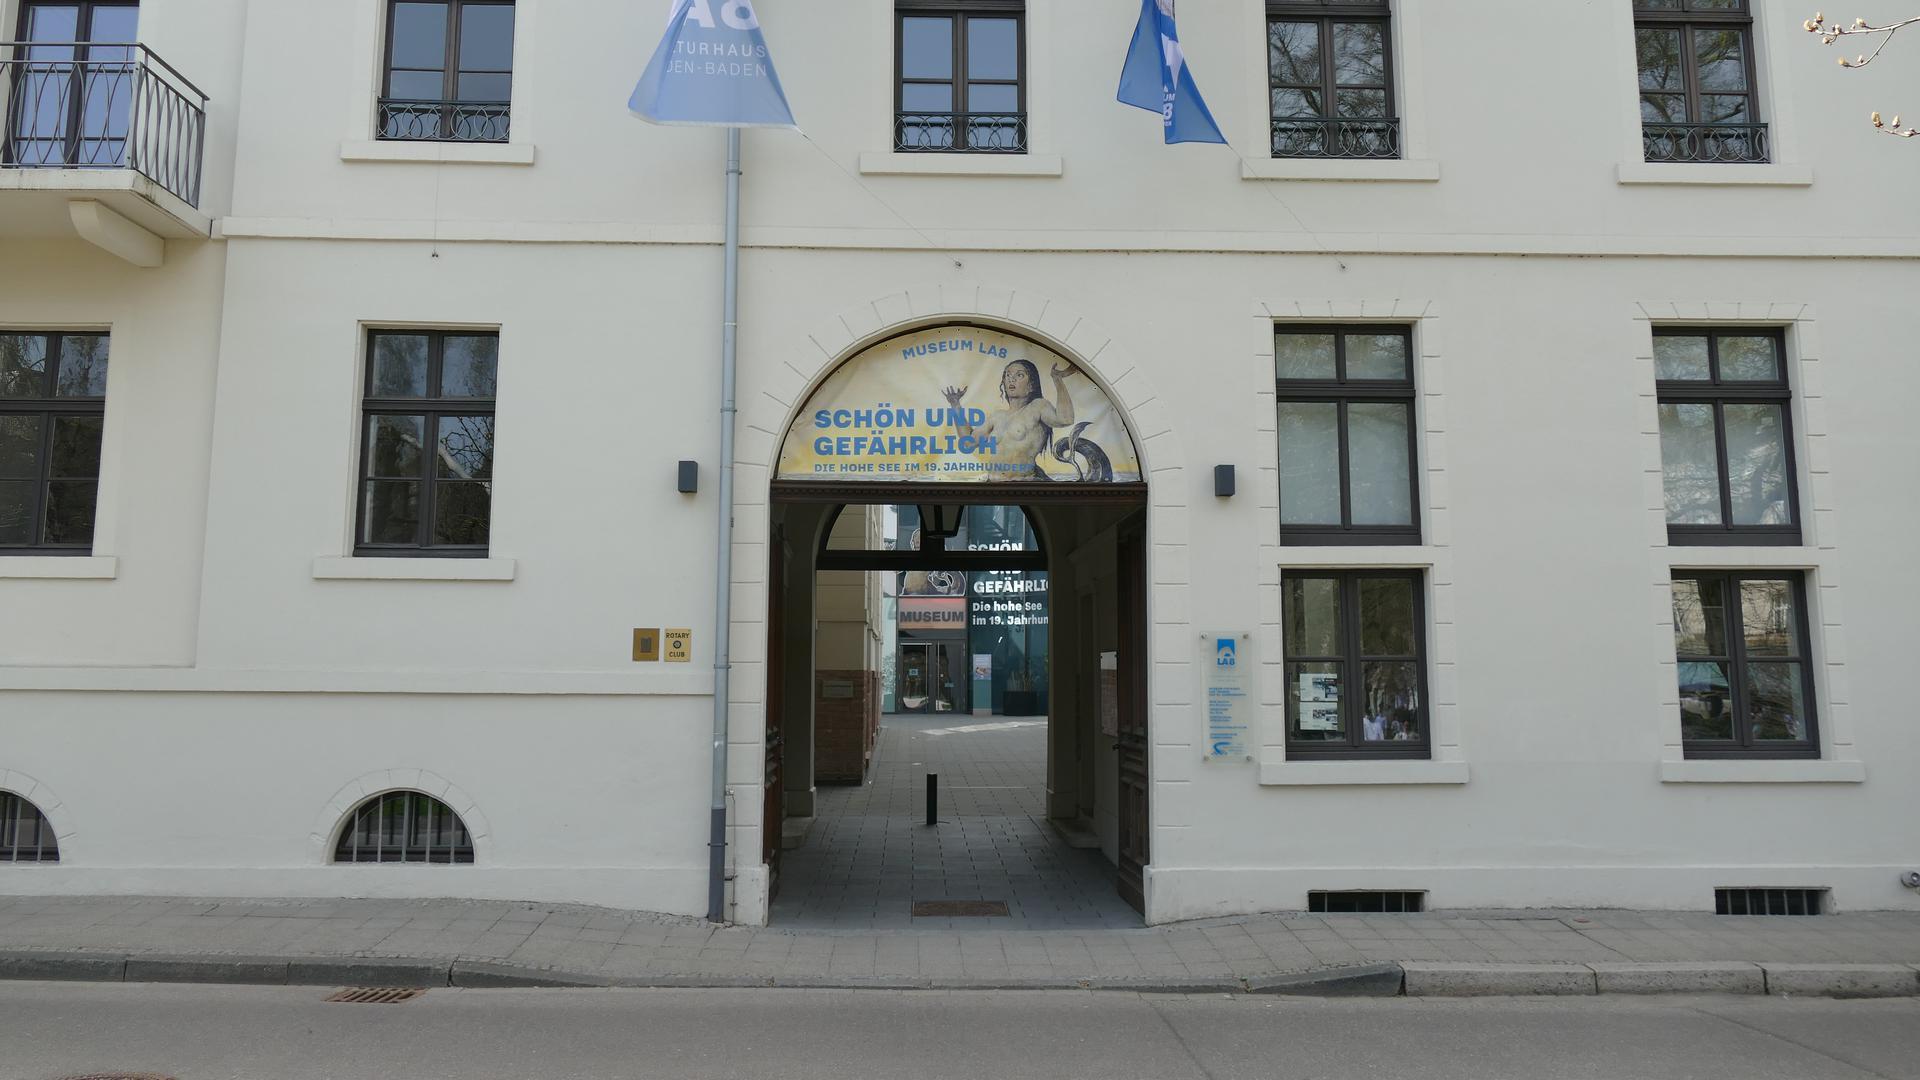 """Im Museum LA8 wird demnächst die Ausstellung """"Schön und gefährlich: Die hohe See im 19. Jahrhundert"""" gezeigt."""